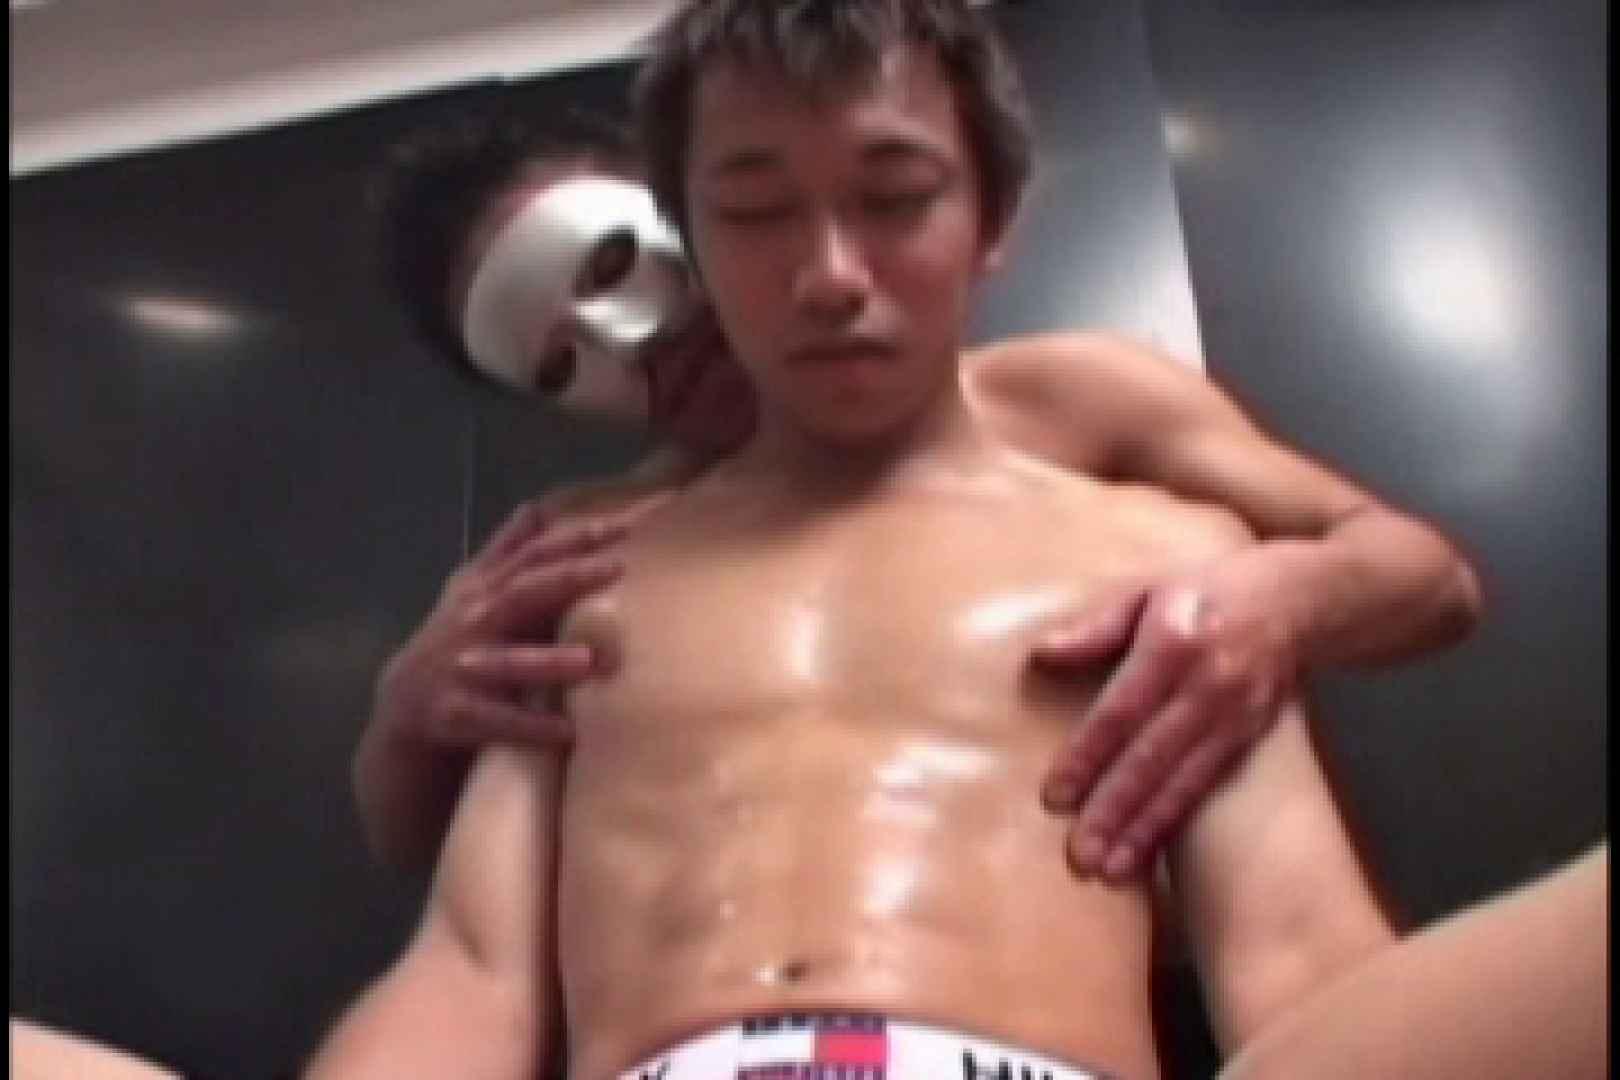 スポメン鍛え上げられた肉体と反り返るモッコリ!!03 オナニー編 男同士画像 62枚 2